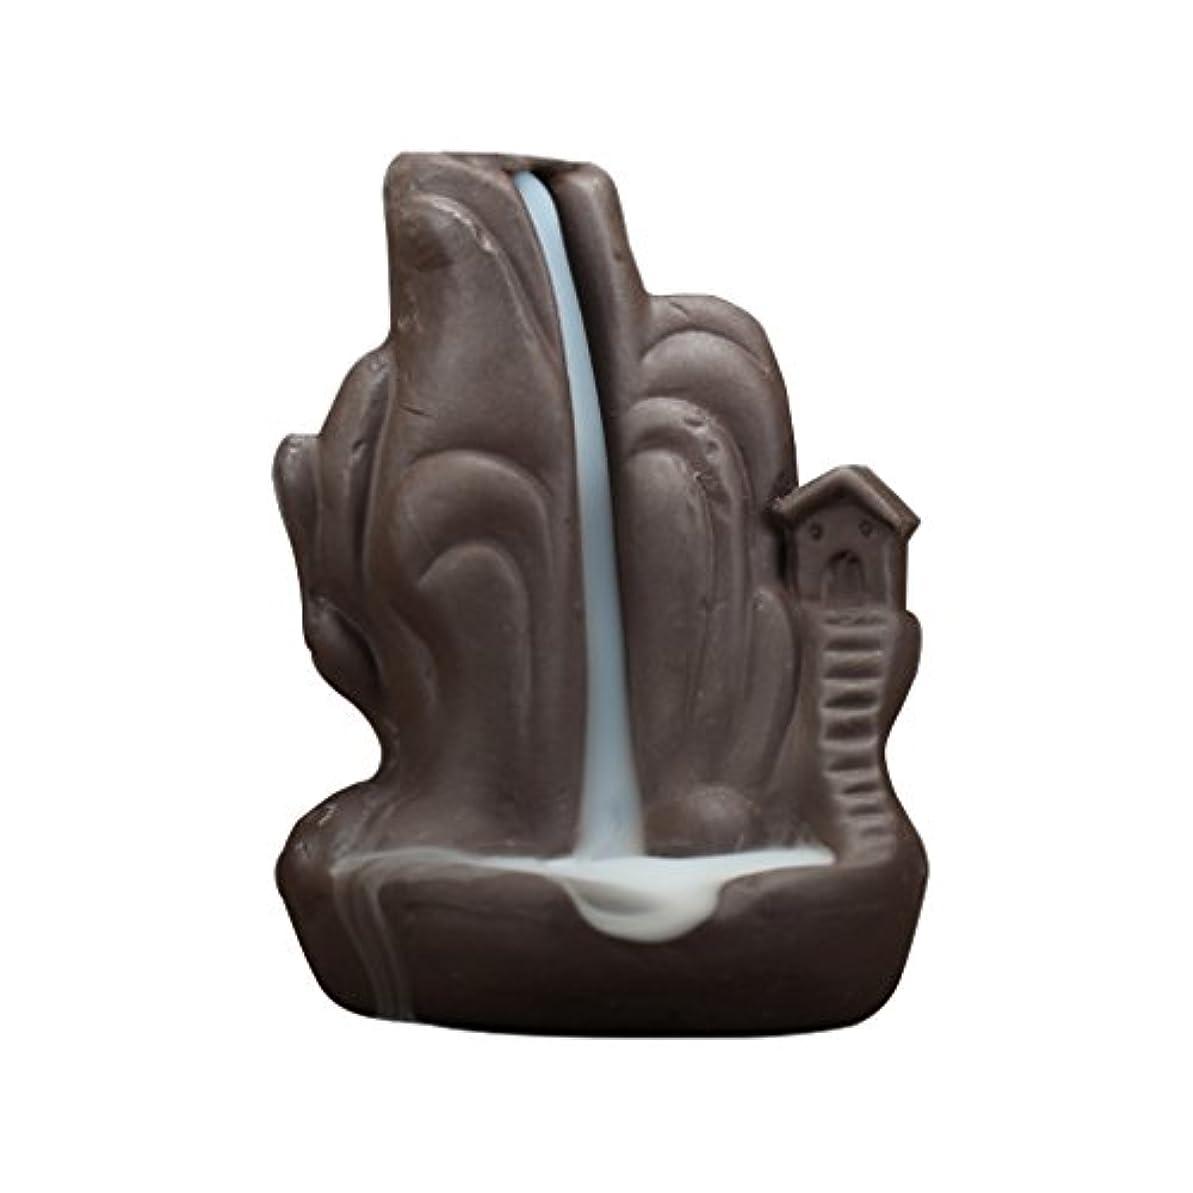 脅威スチュワード欠かせないセラミック 香炉 繊細 絶妙 デザイン 逆流香 香炉 コーンホルダー 古典的 装飾 全4種 - 褐色, 説明したように